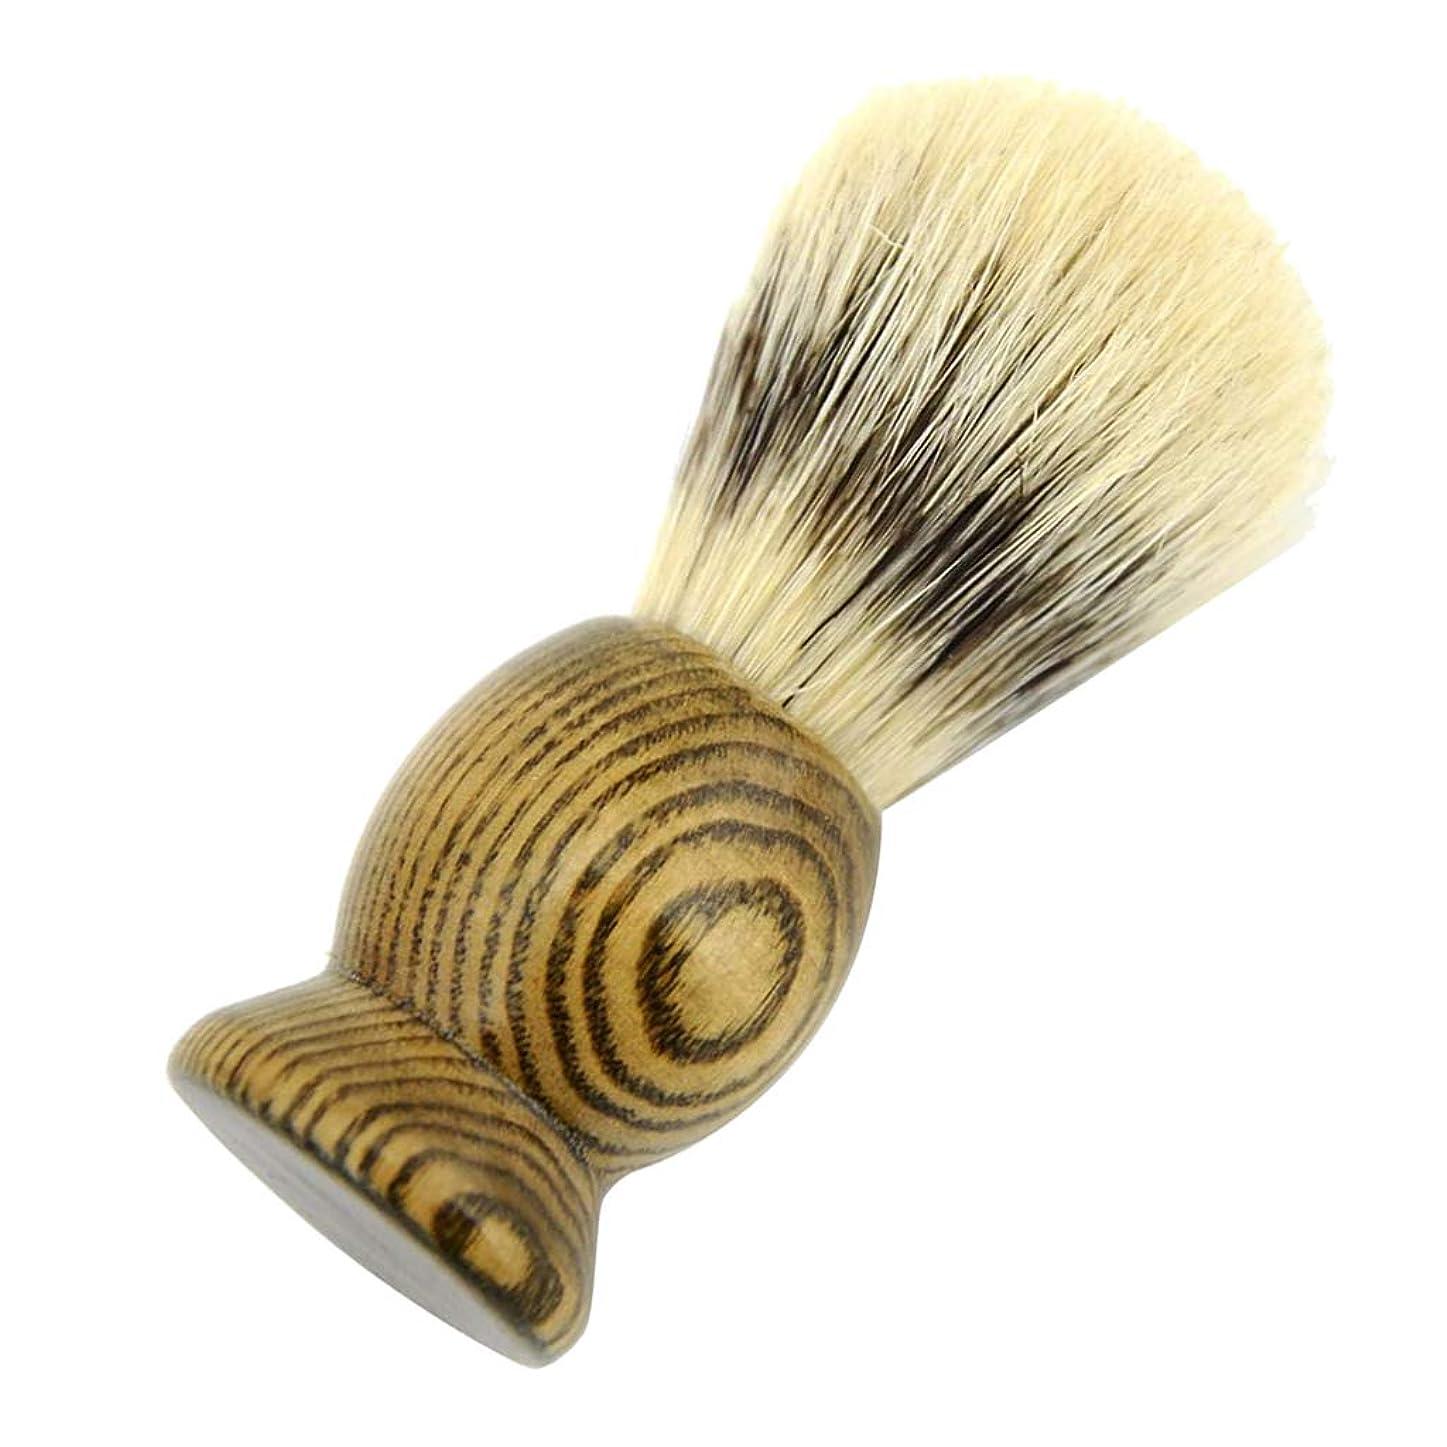 聴く同行ループsharprepublic ひげブラシ メンズ シェービングブラシ 髭剃り 理容 洗顔 ポータブルひげ剃り美容ツール